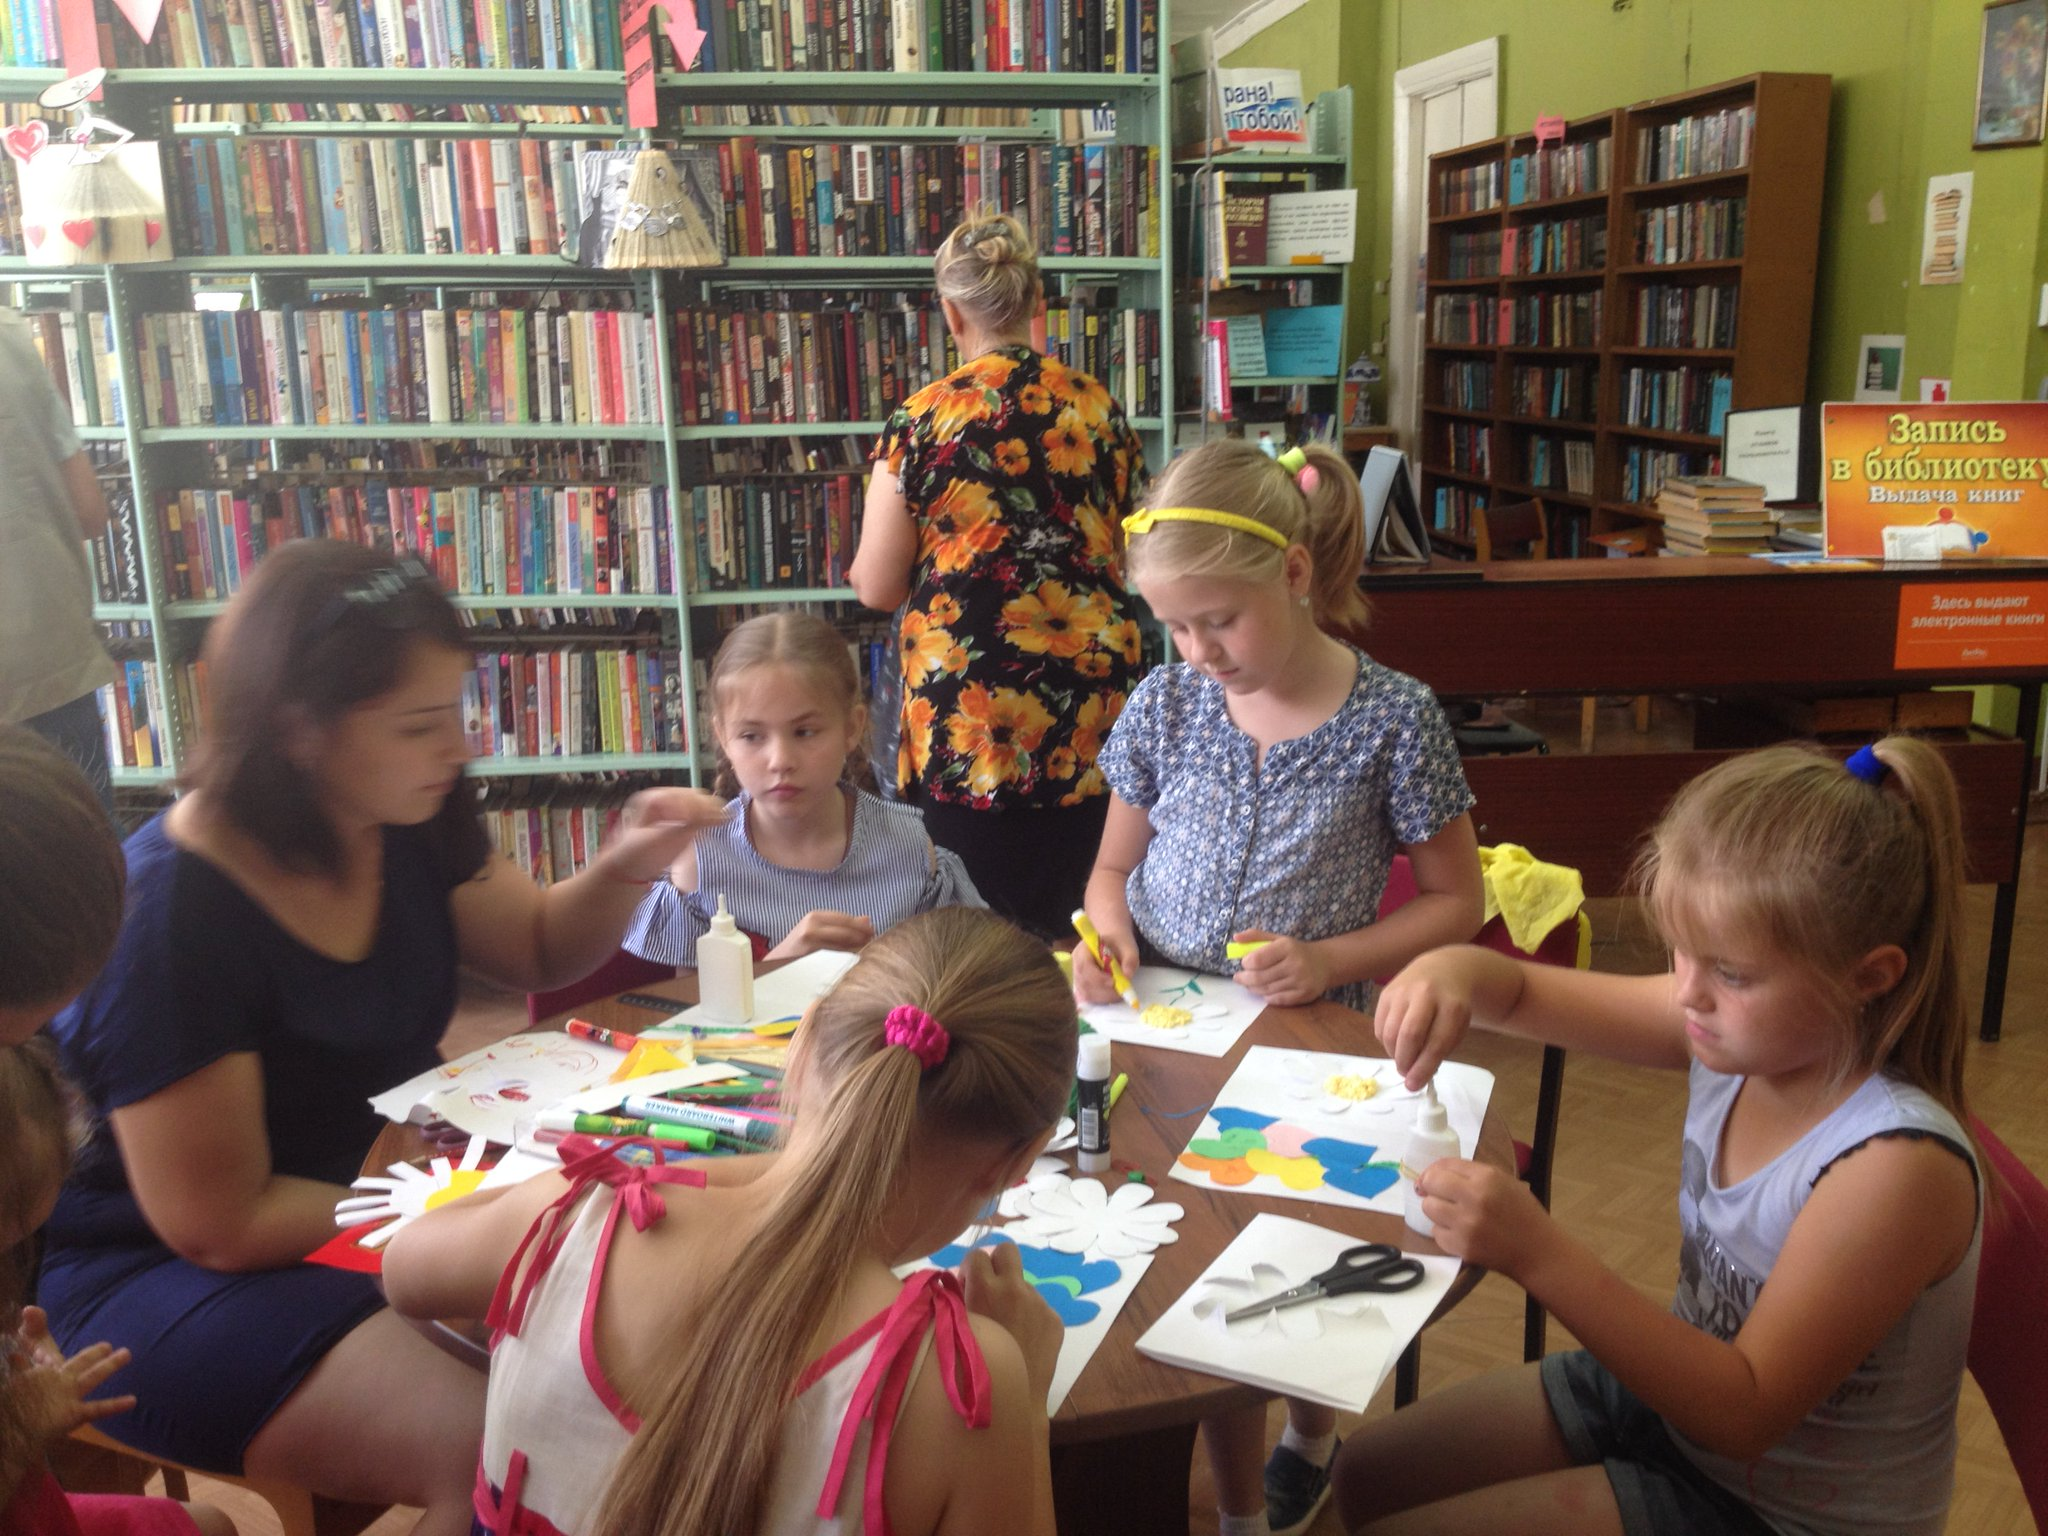 В библиотеке прошел мастер класс по изготовлению открыток, фото